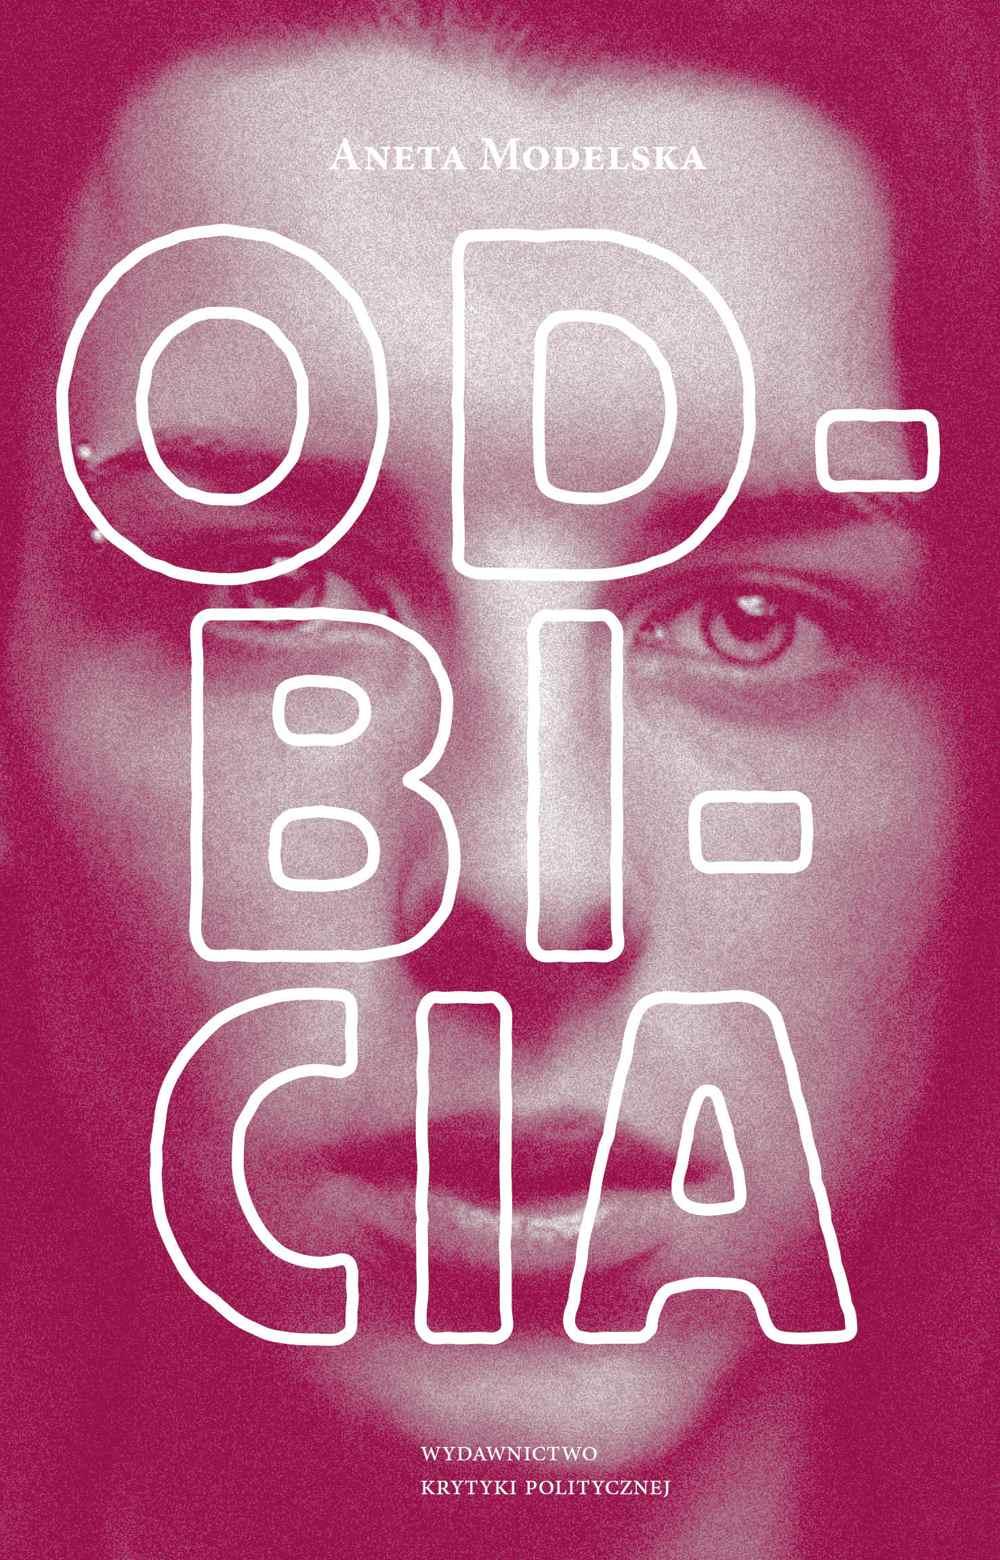 Odbicia - Ebook (Książka EPUB) do pobrania w formacie EPUB